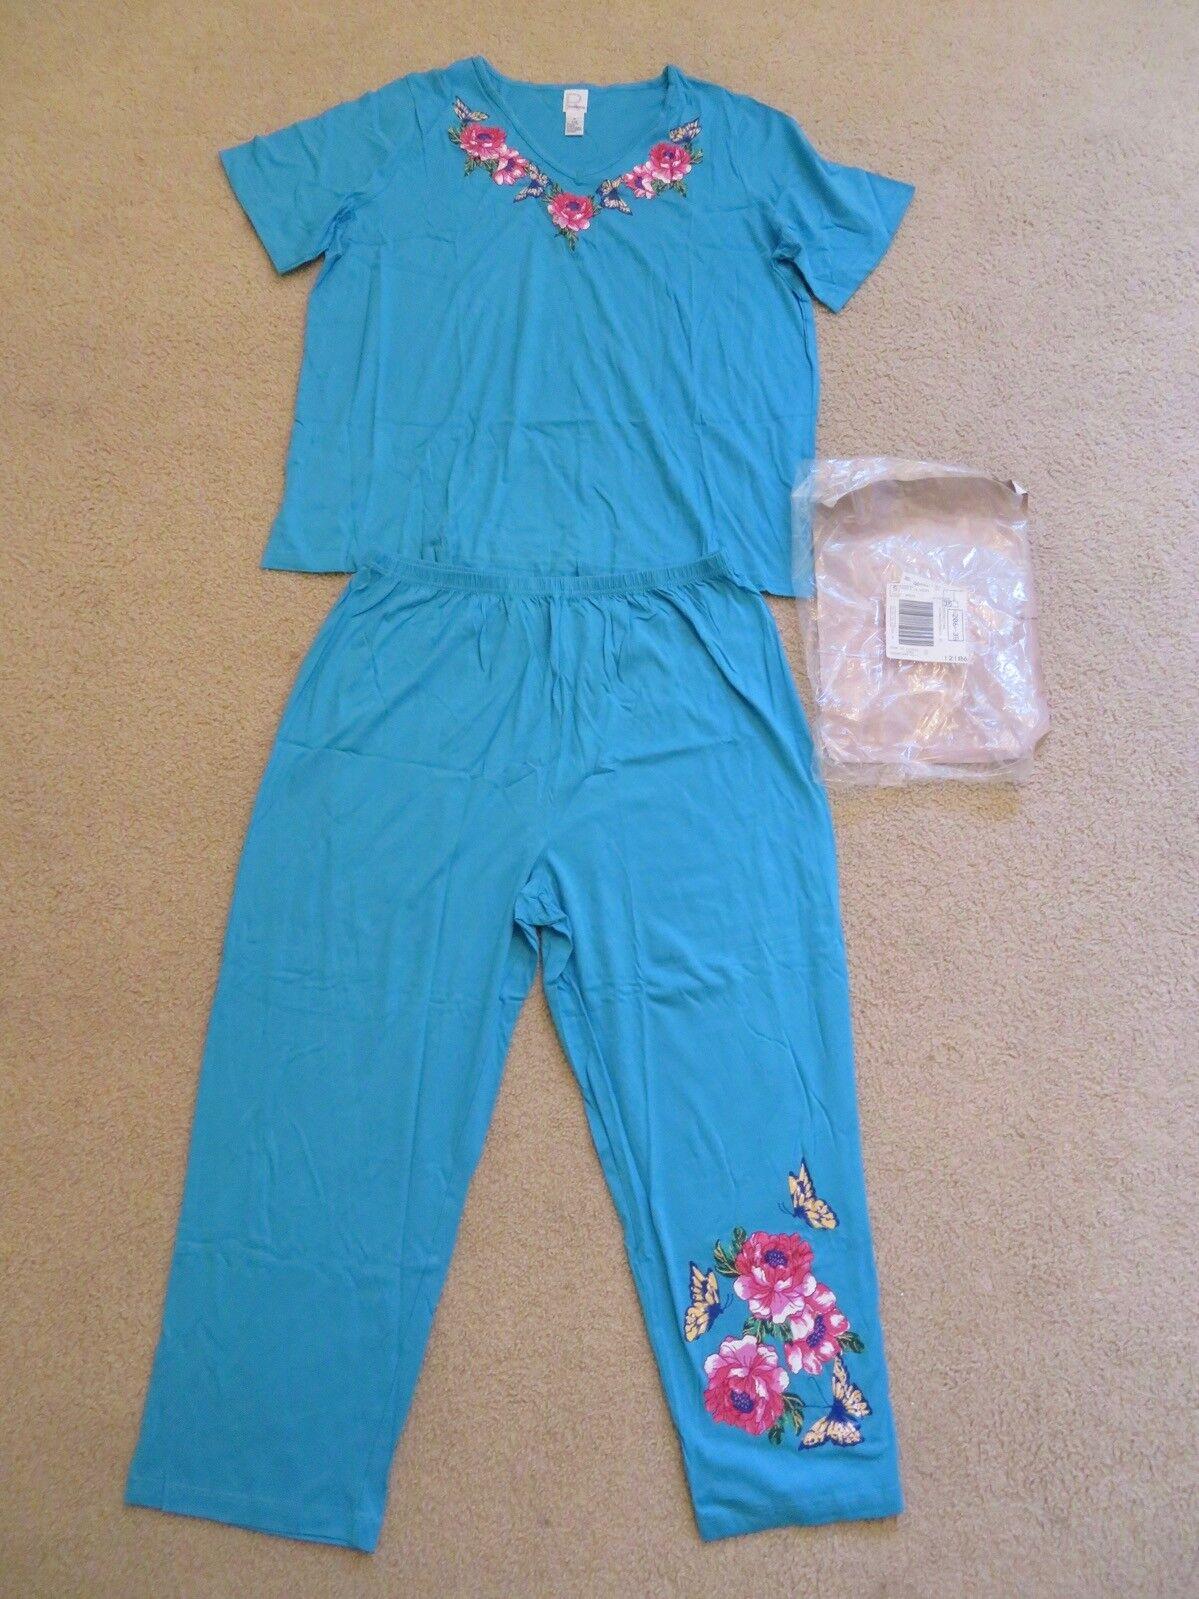 Nuovo da Donna Roaman's 2pc Set Camicia & Pantaloni Blu Turchese Farfalla